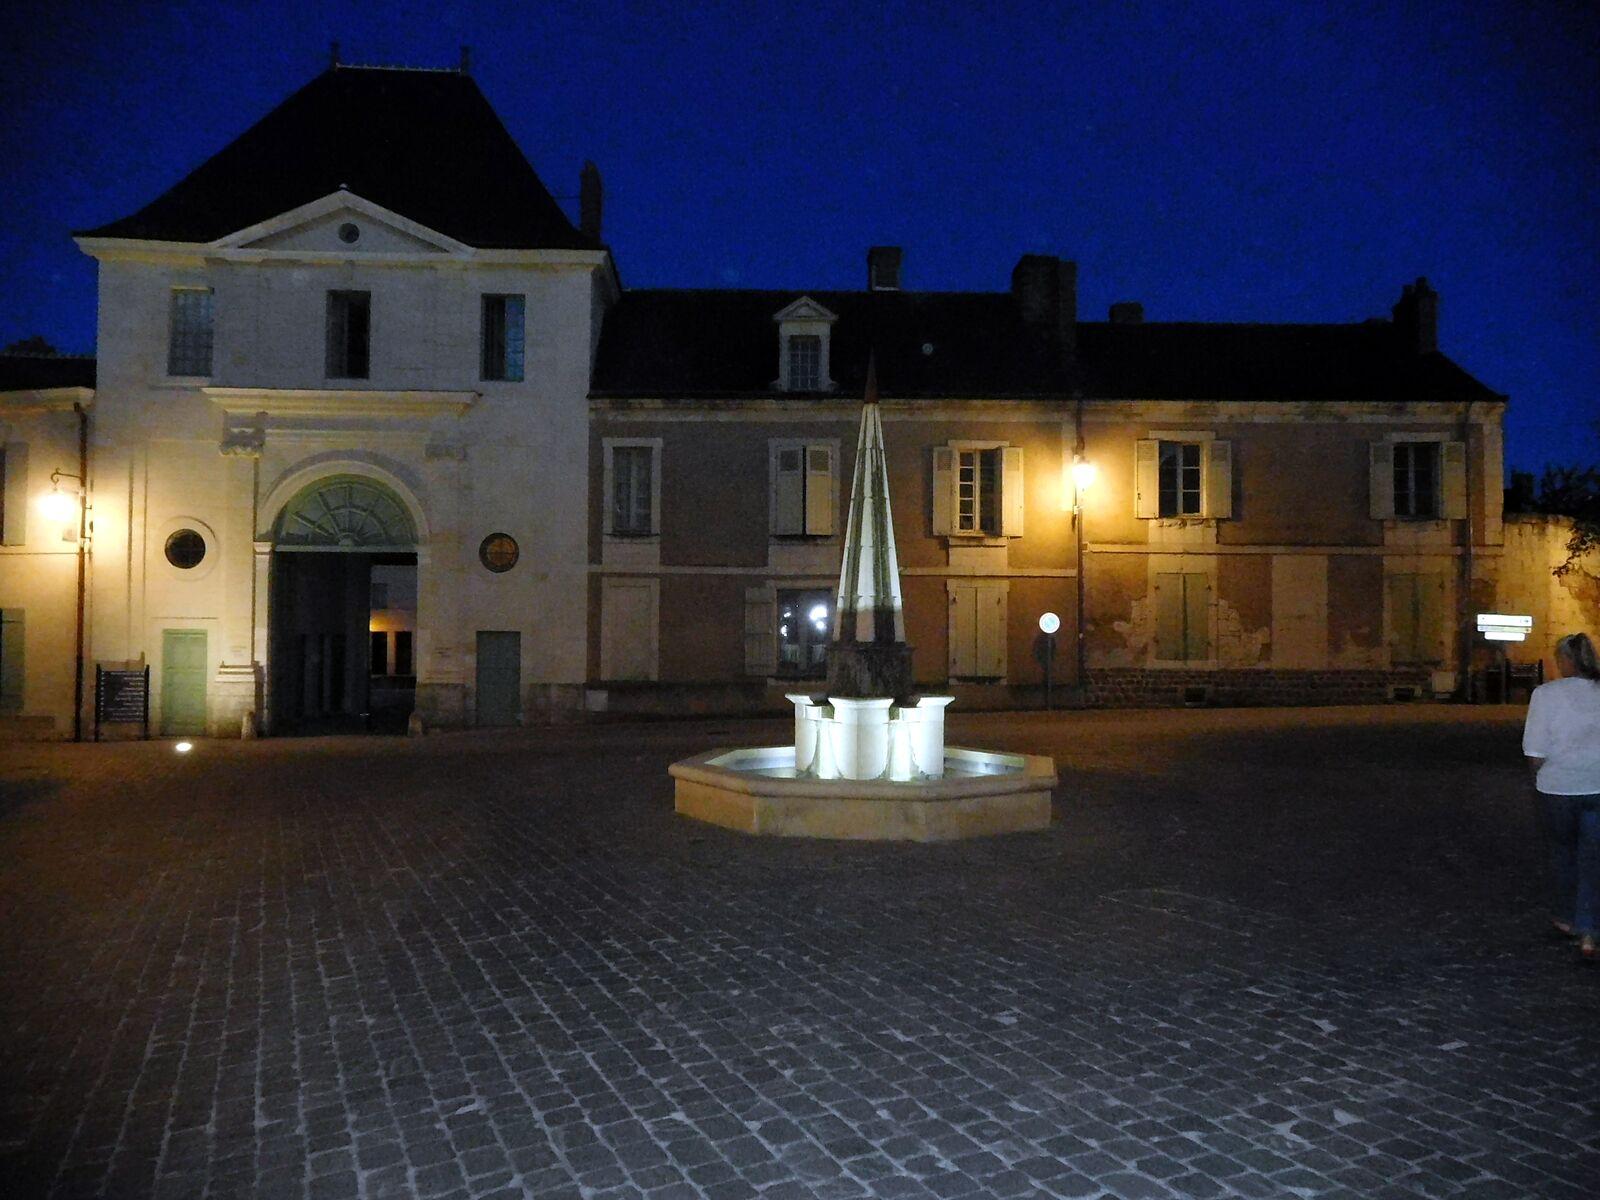 villagesquareatnight